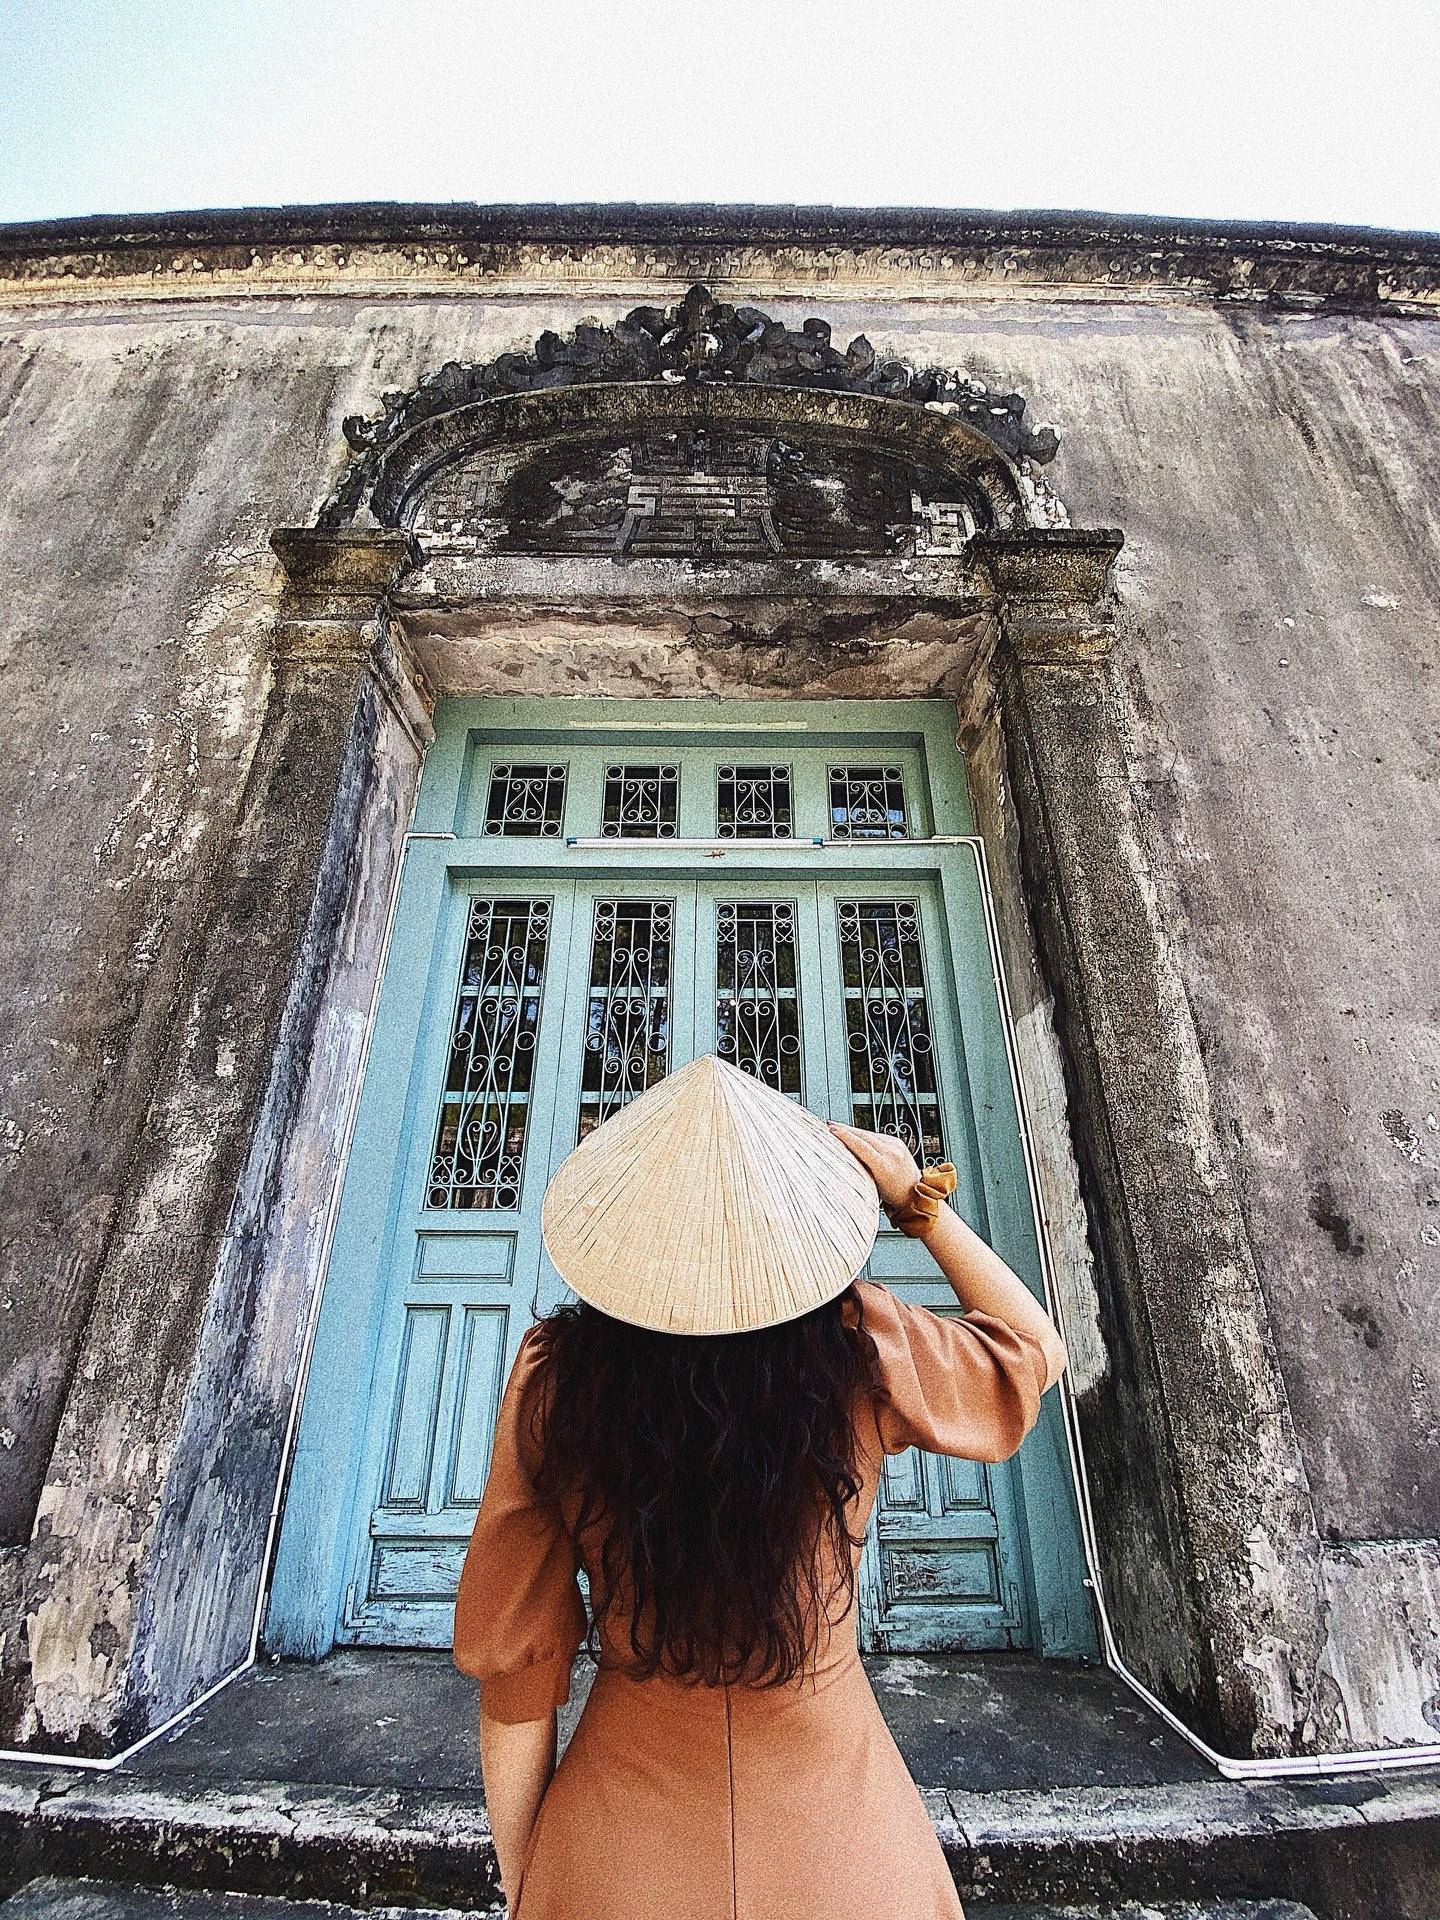 Kinh nghiệm du lịch Huế rời xa áp lực, tìm lại chính mình